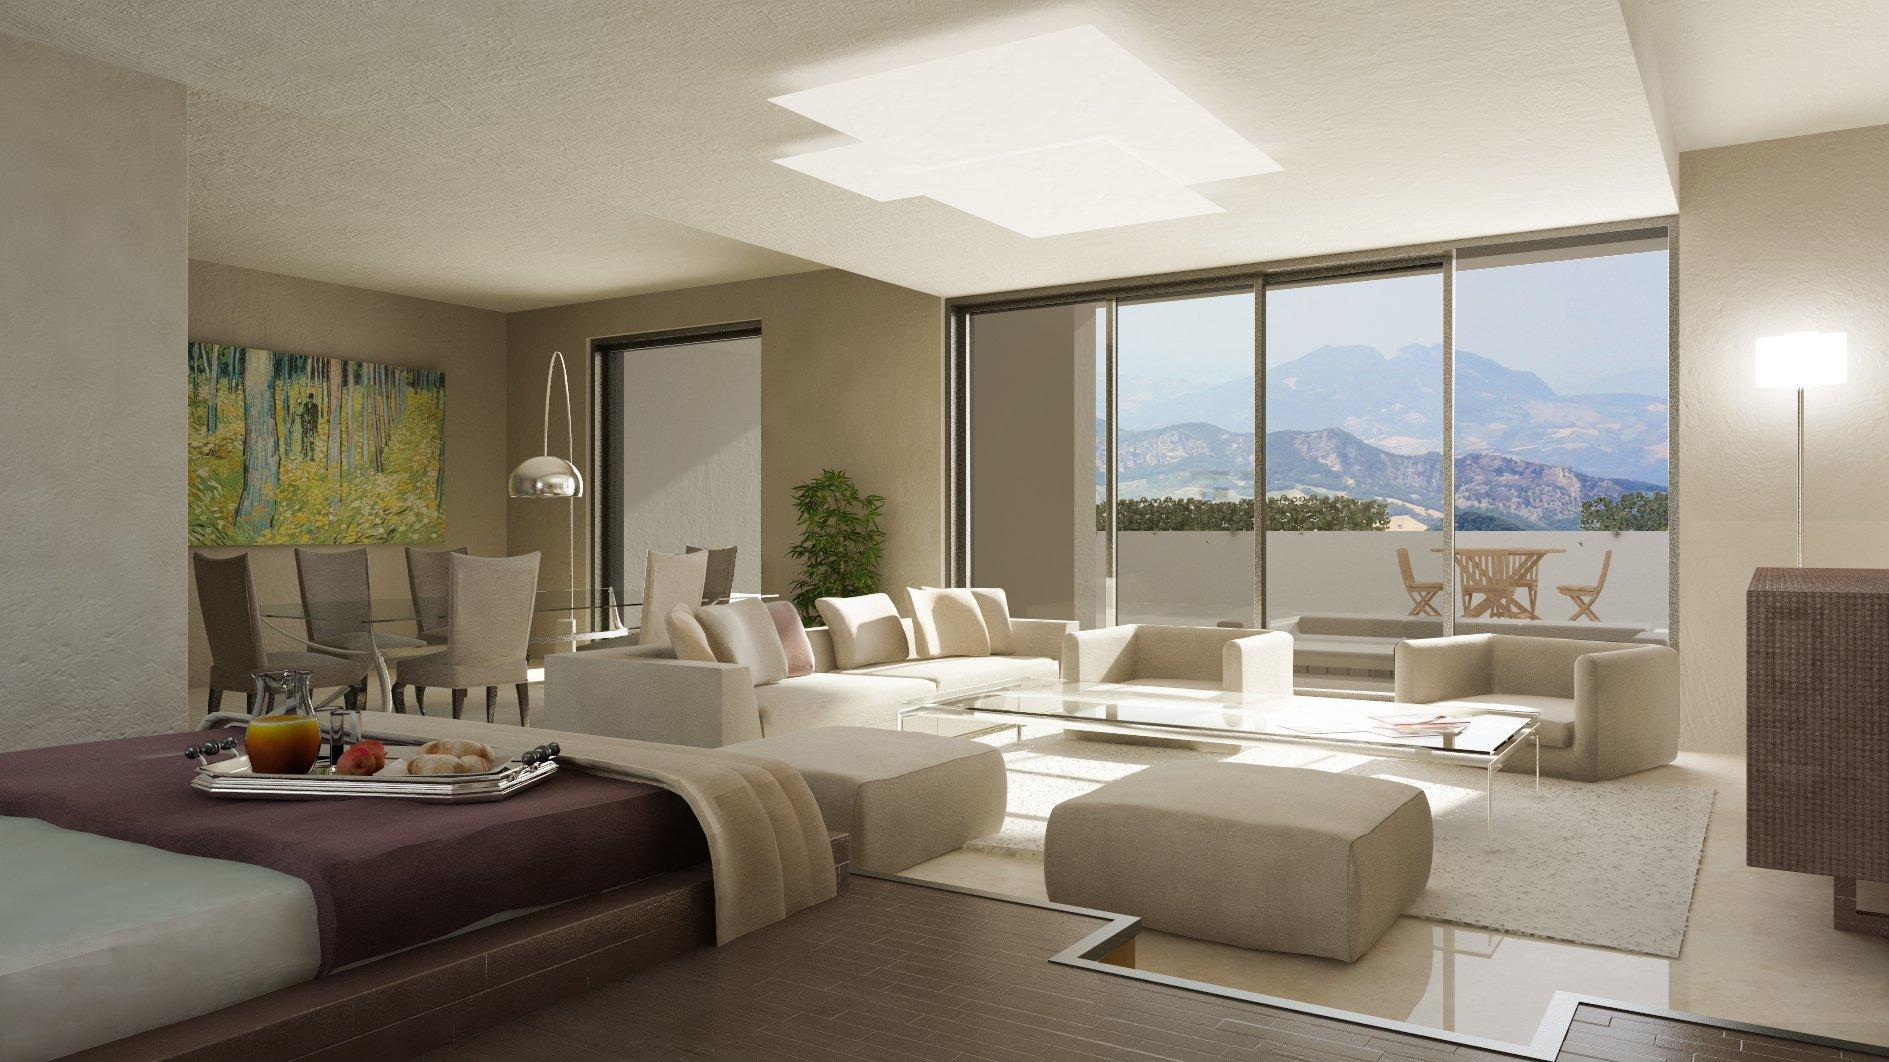 Luminoso salone moderno con vetrata